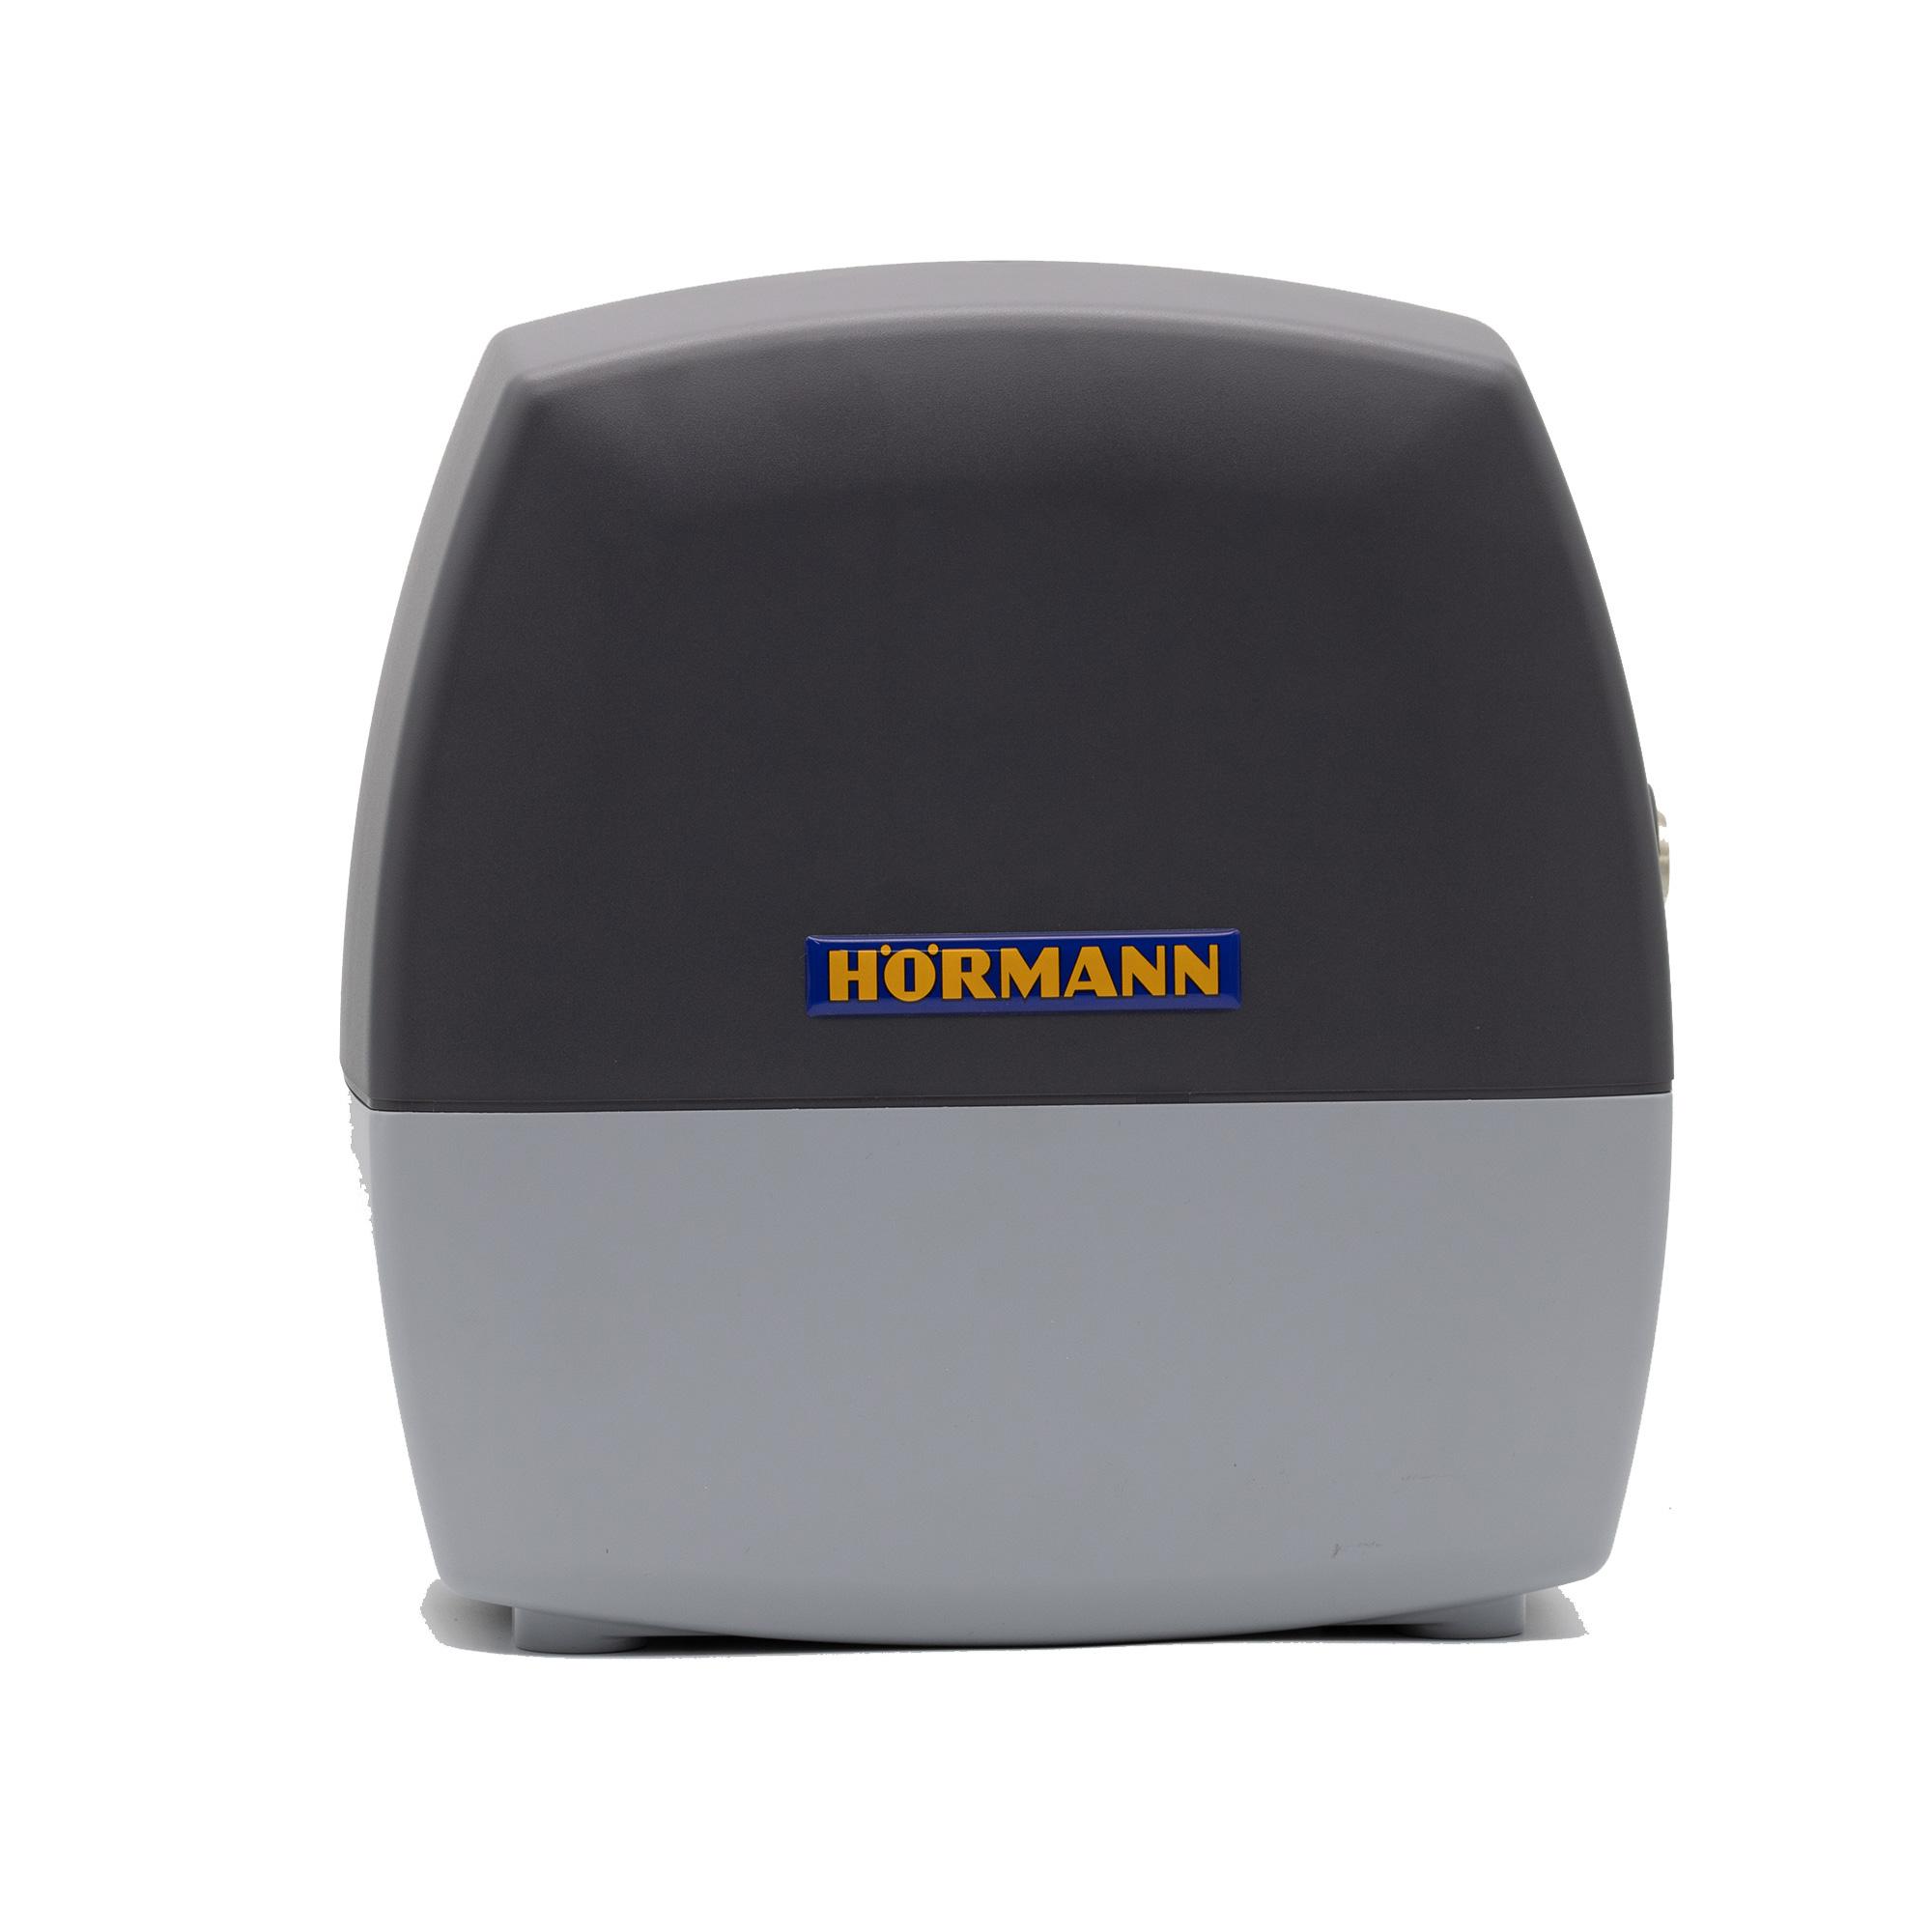 Hörmann Austauschantrieb mit Funkempfänger 868 MHz LineaMatic